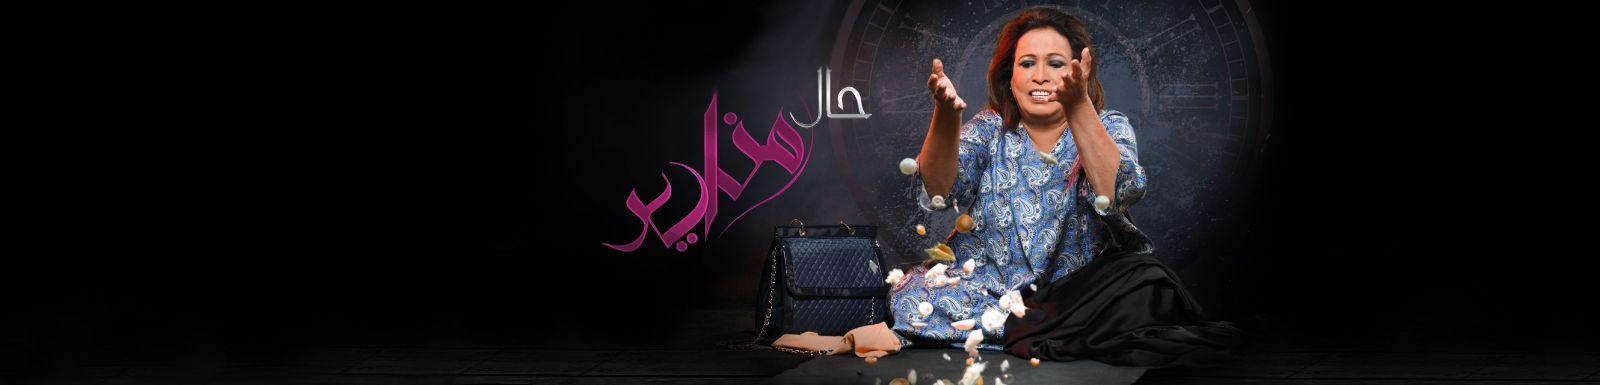 موعد وتوقيت عرض مسلسل حال مناير 2016 على قناة mbc